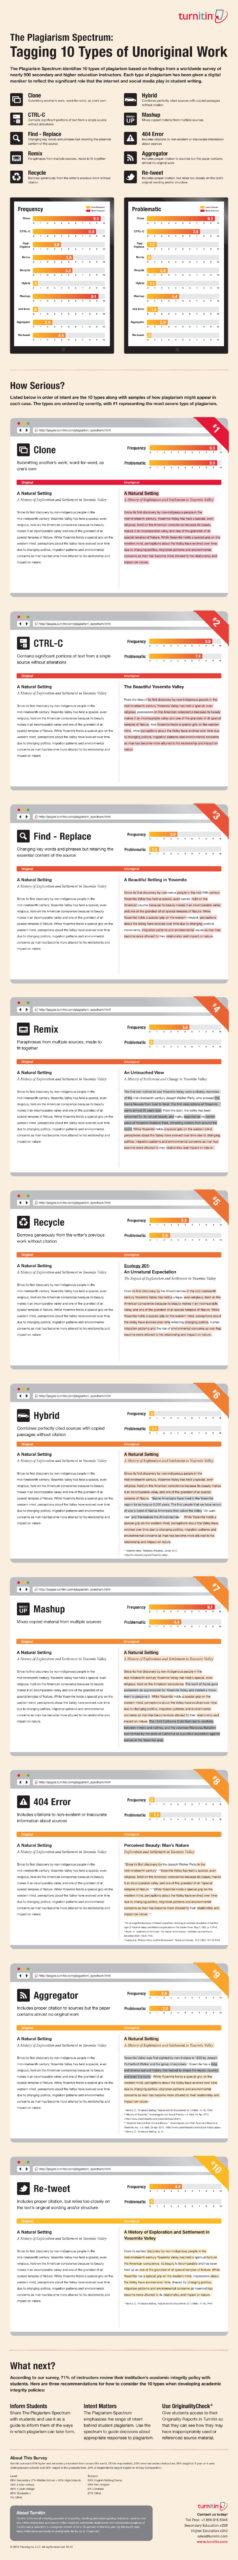 Turnitin Spectrum of Plagiarism Infographic